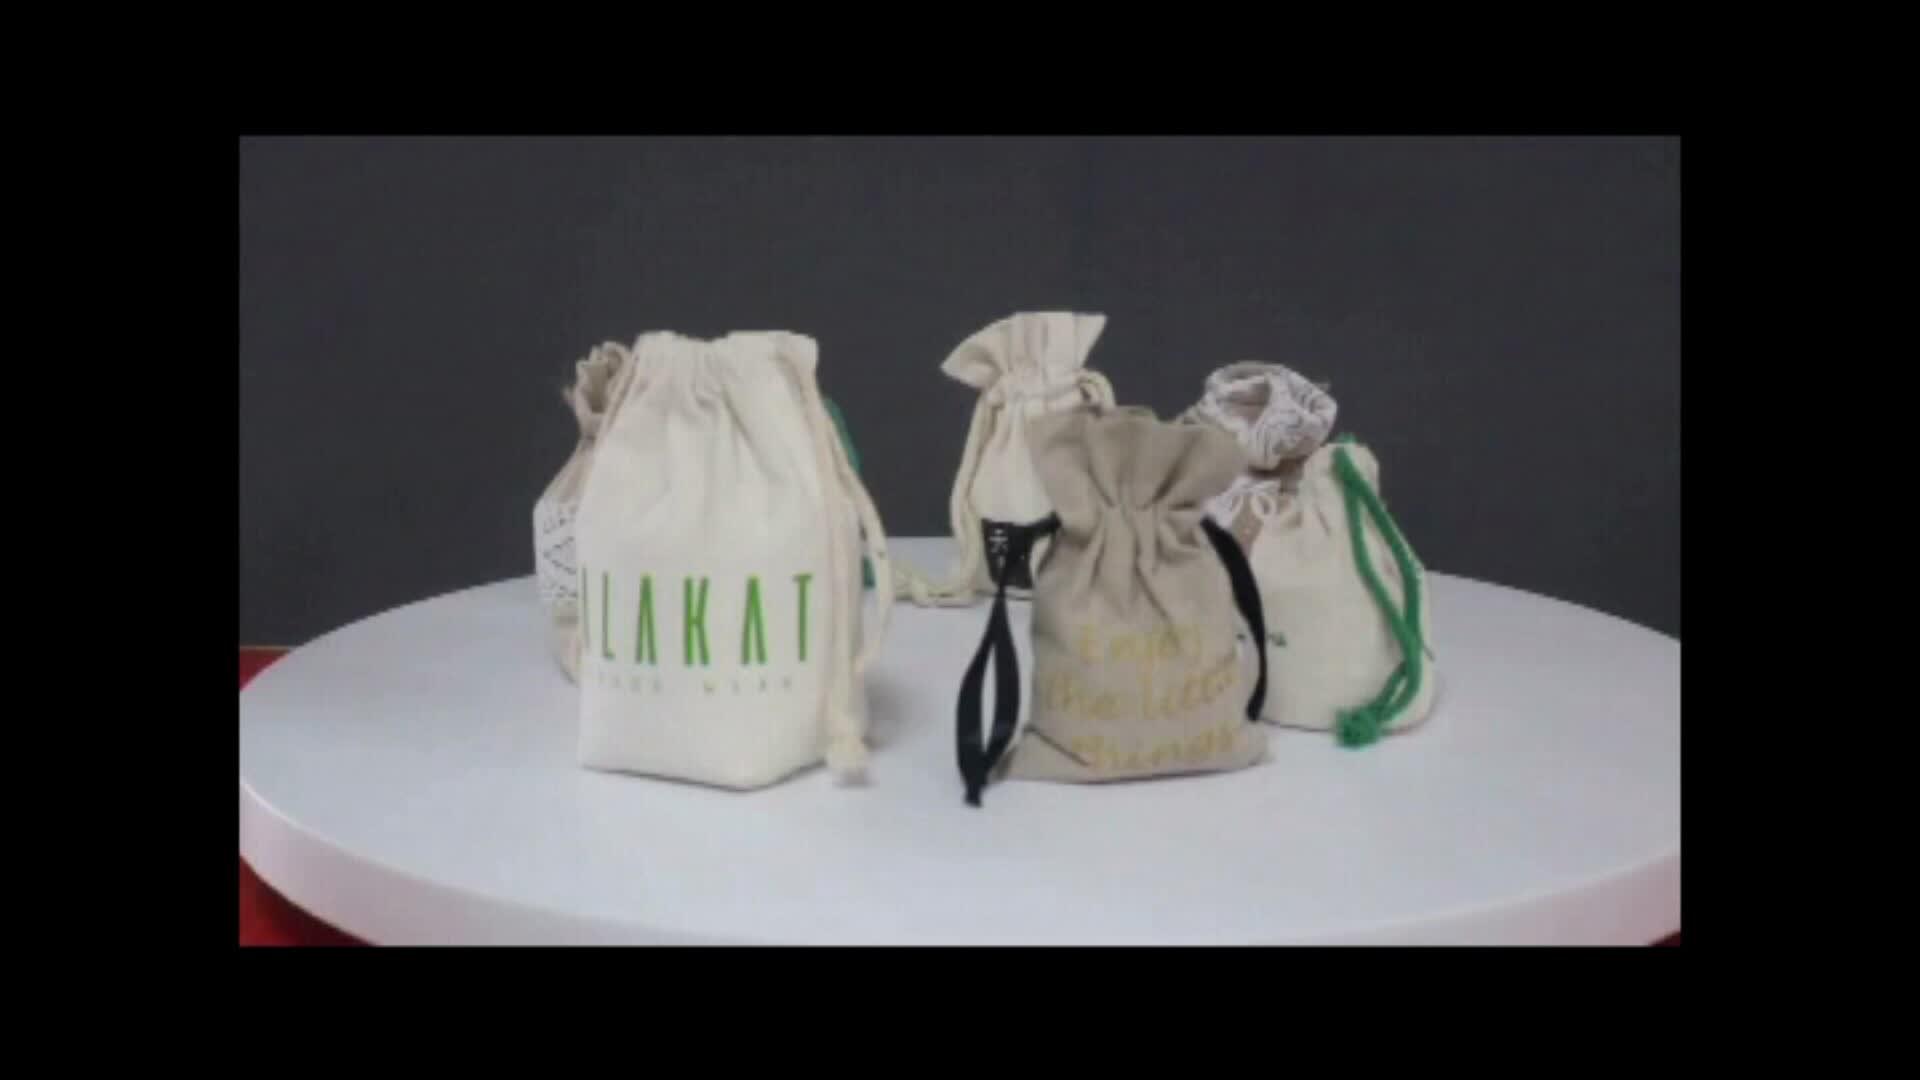 थोक कपास कैनवास drawstring बैग कपास जूता बैग कपास धूल बैग